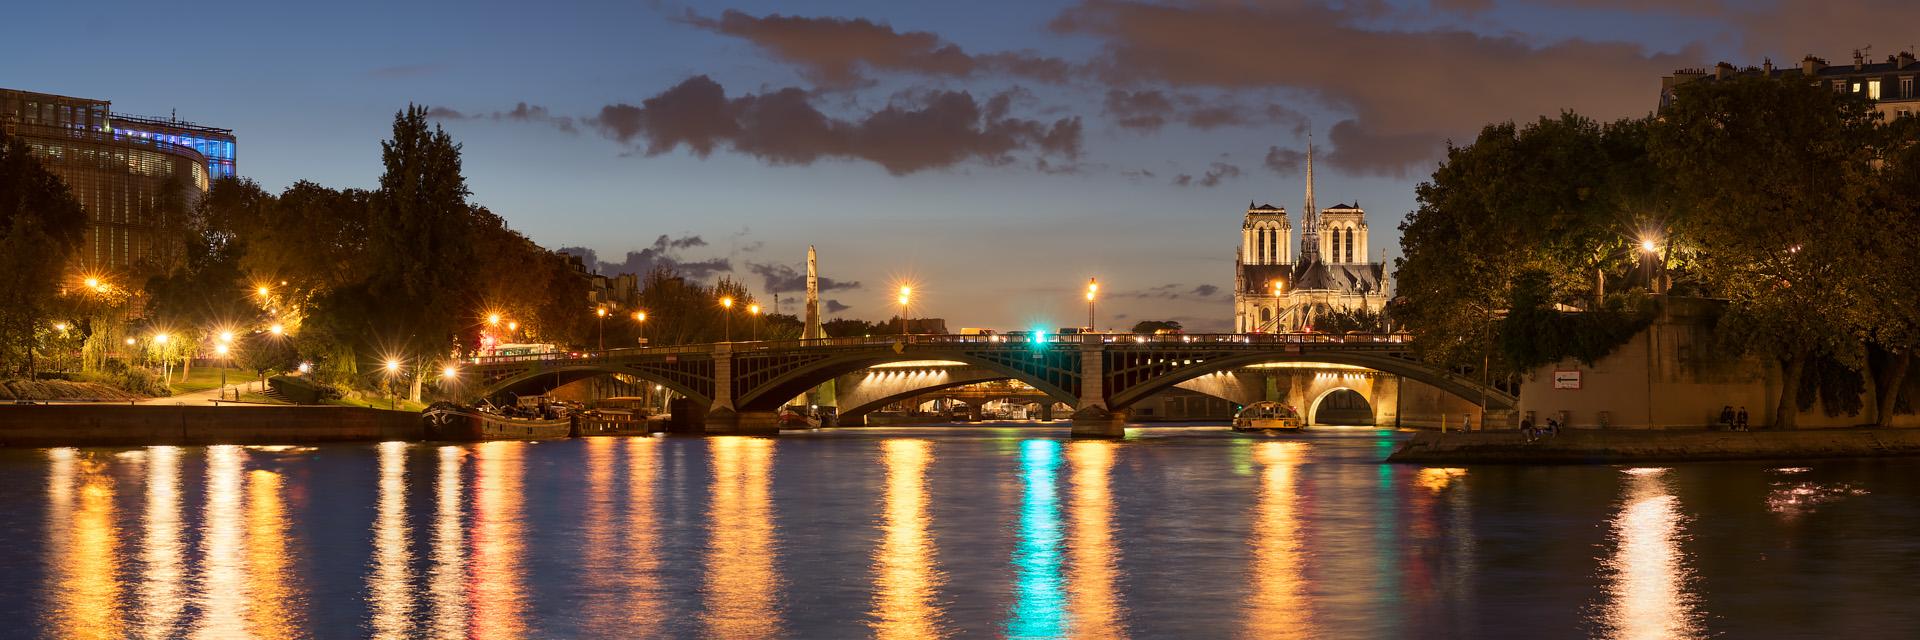 Pont de Sully et Notre Dame by David Briard